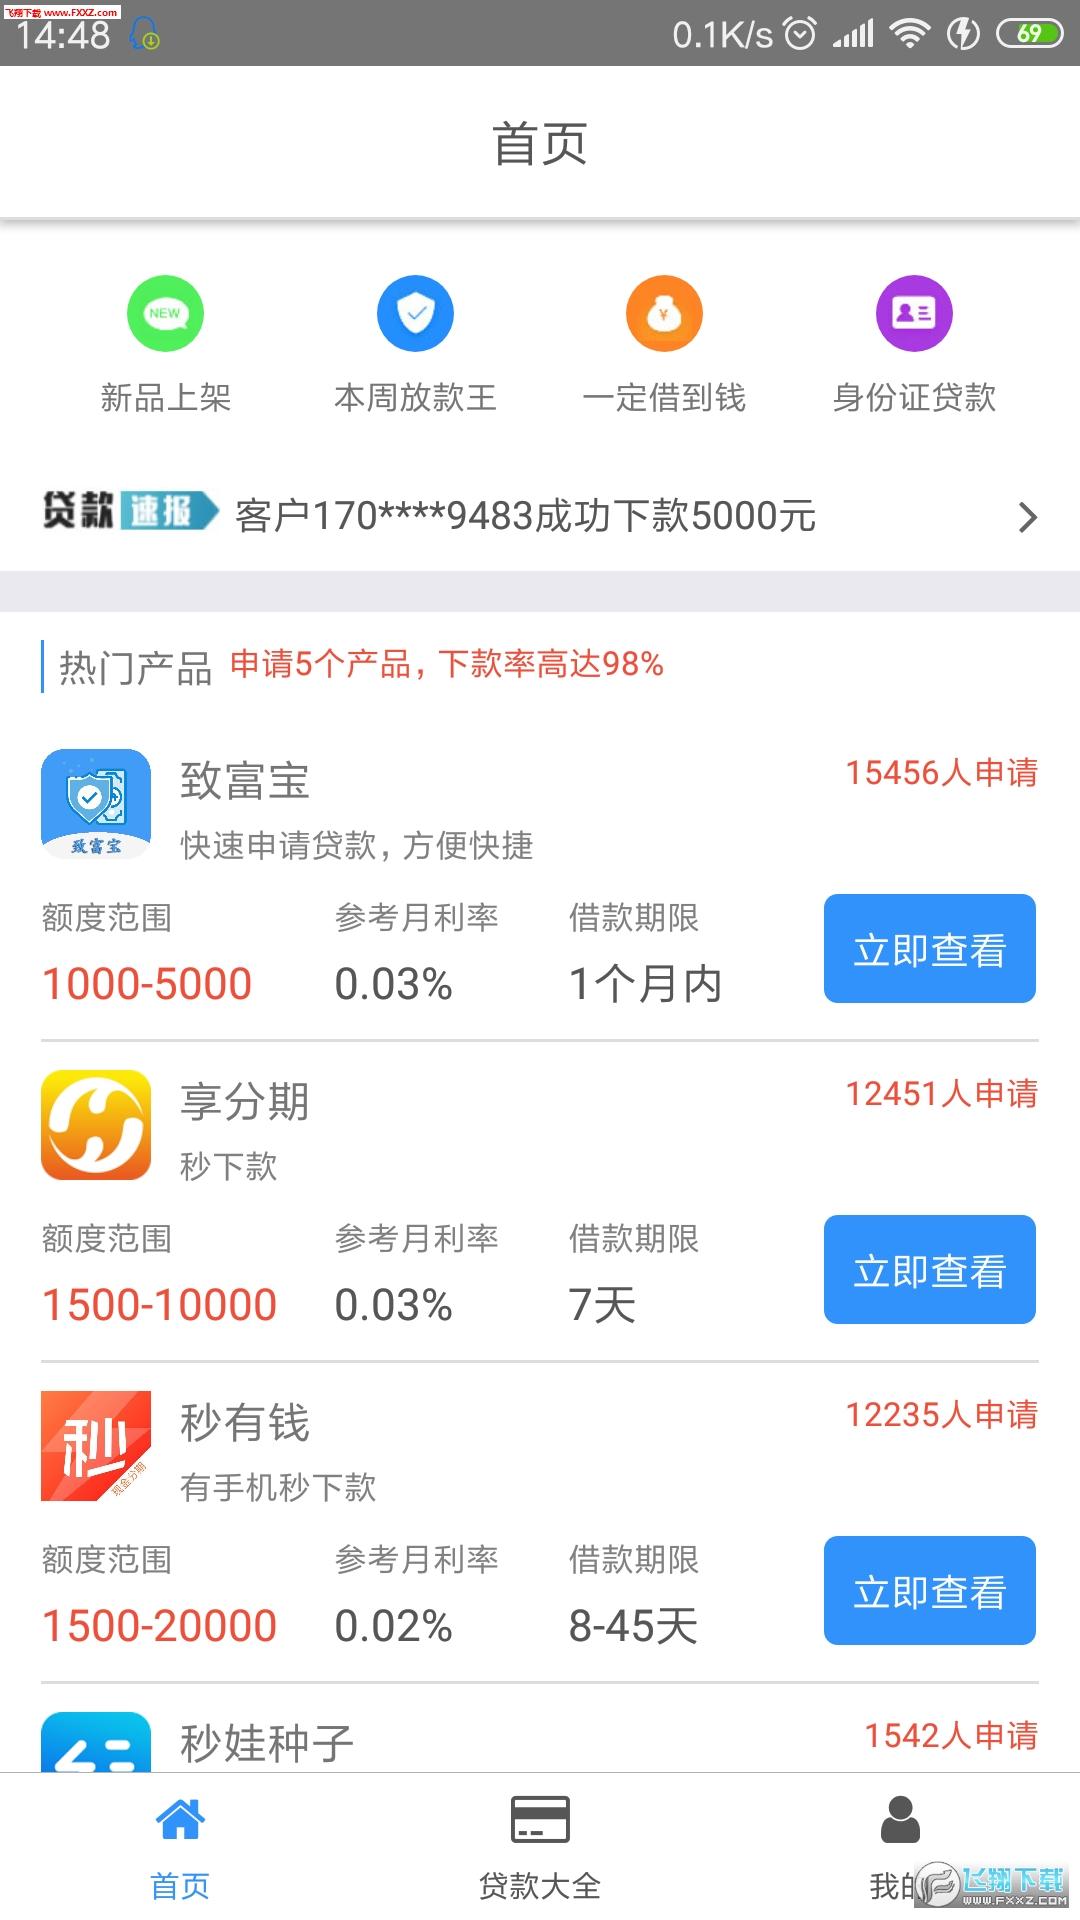 宽松易贷appv1.0.0截图1